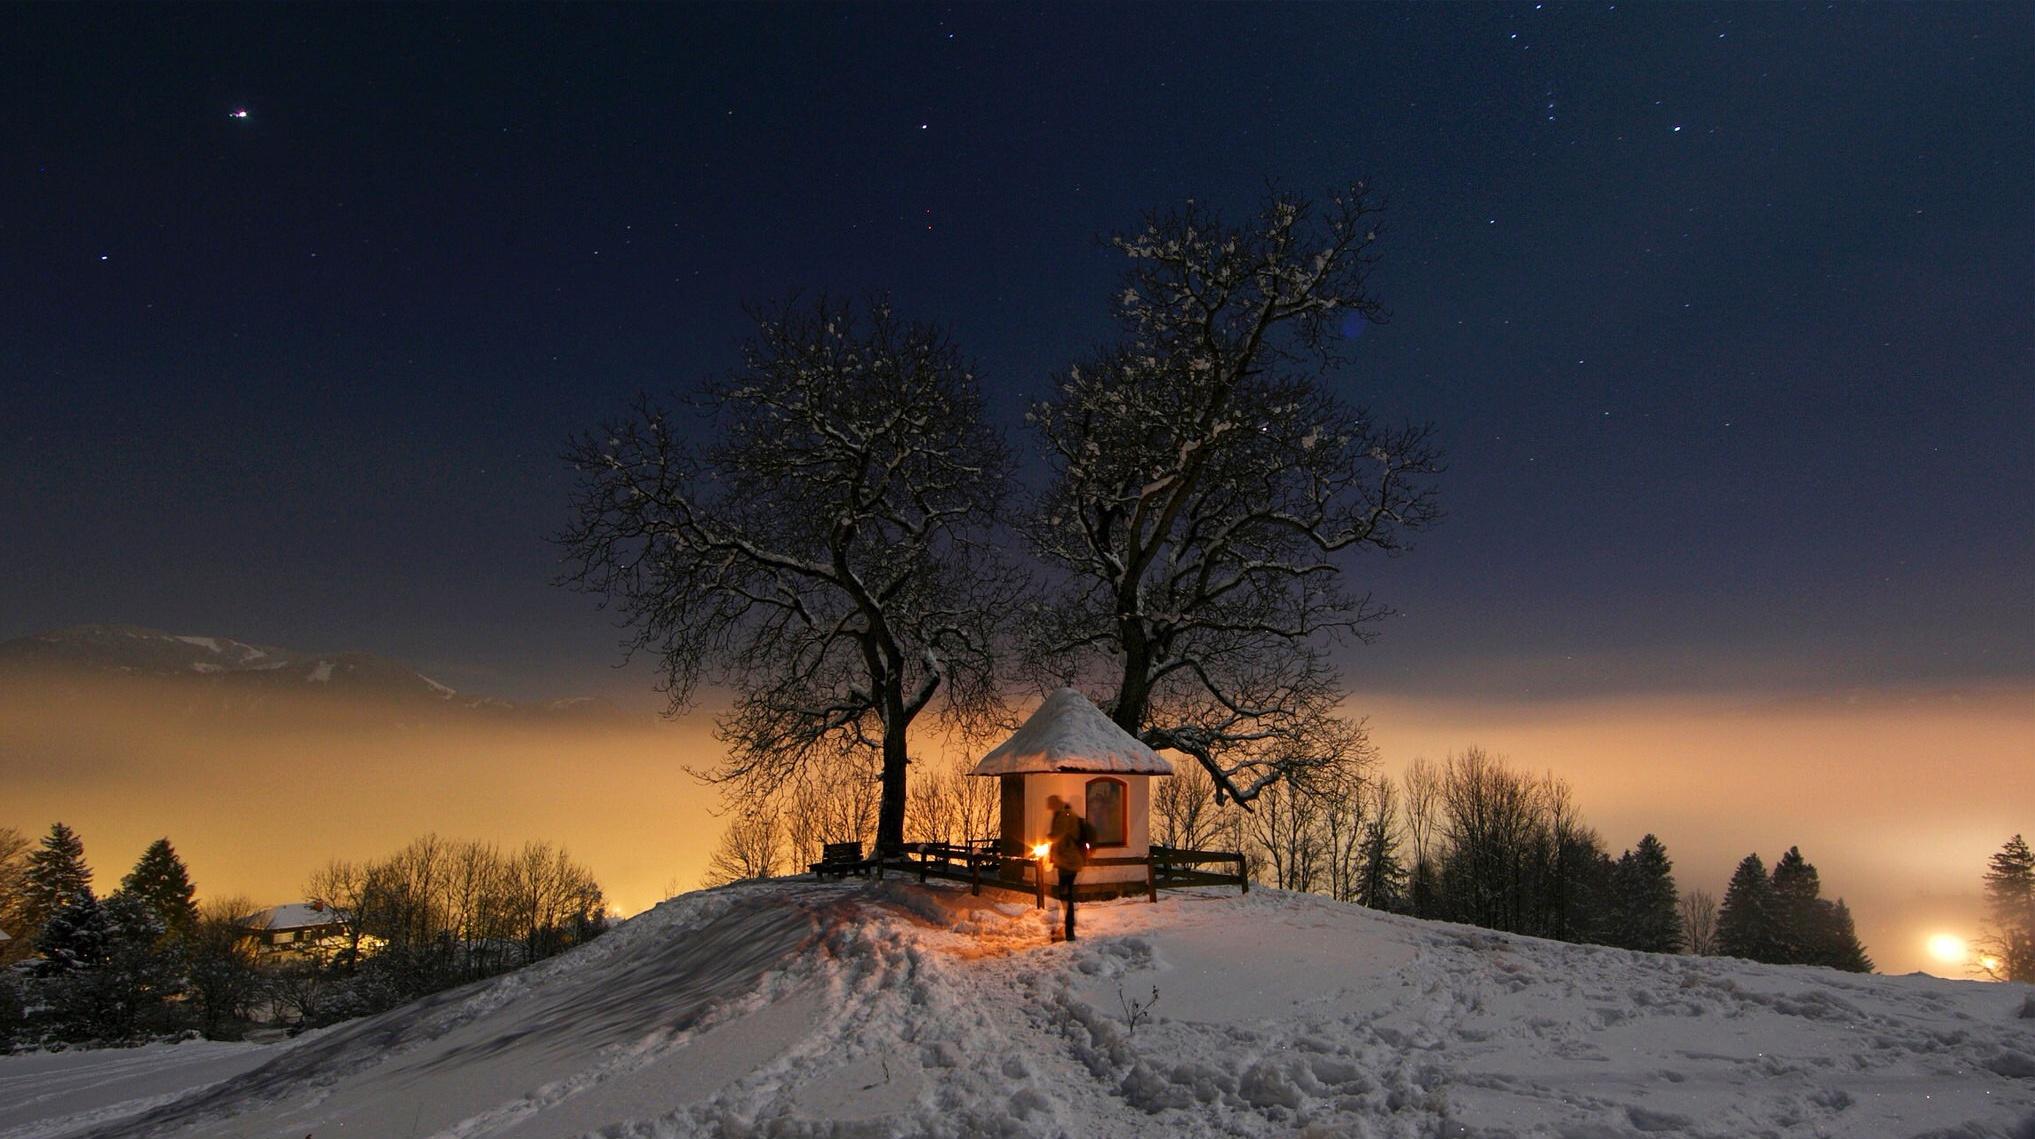 Красивые зимние ночные пейзажи фото